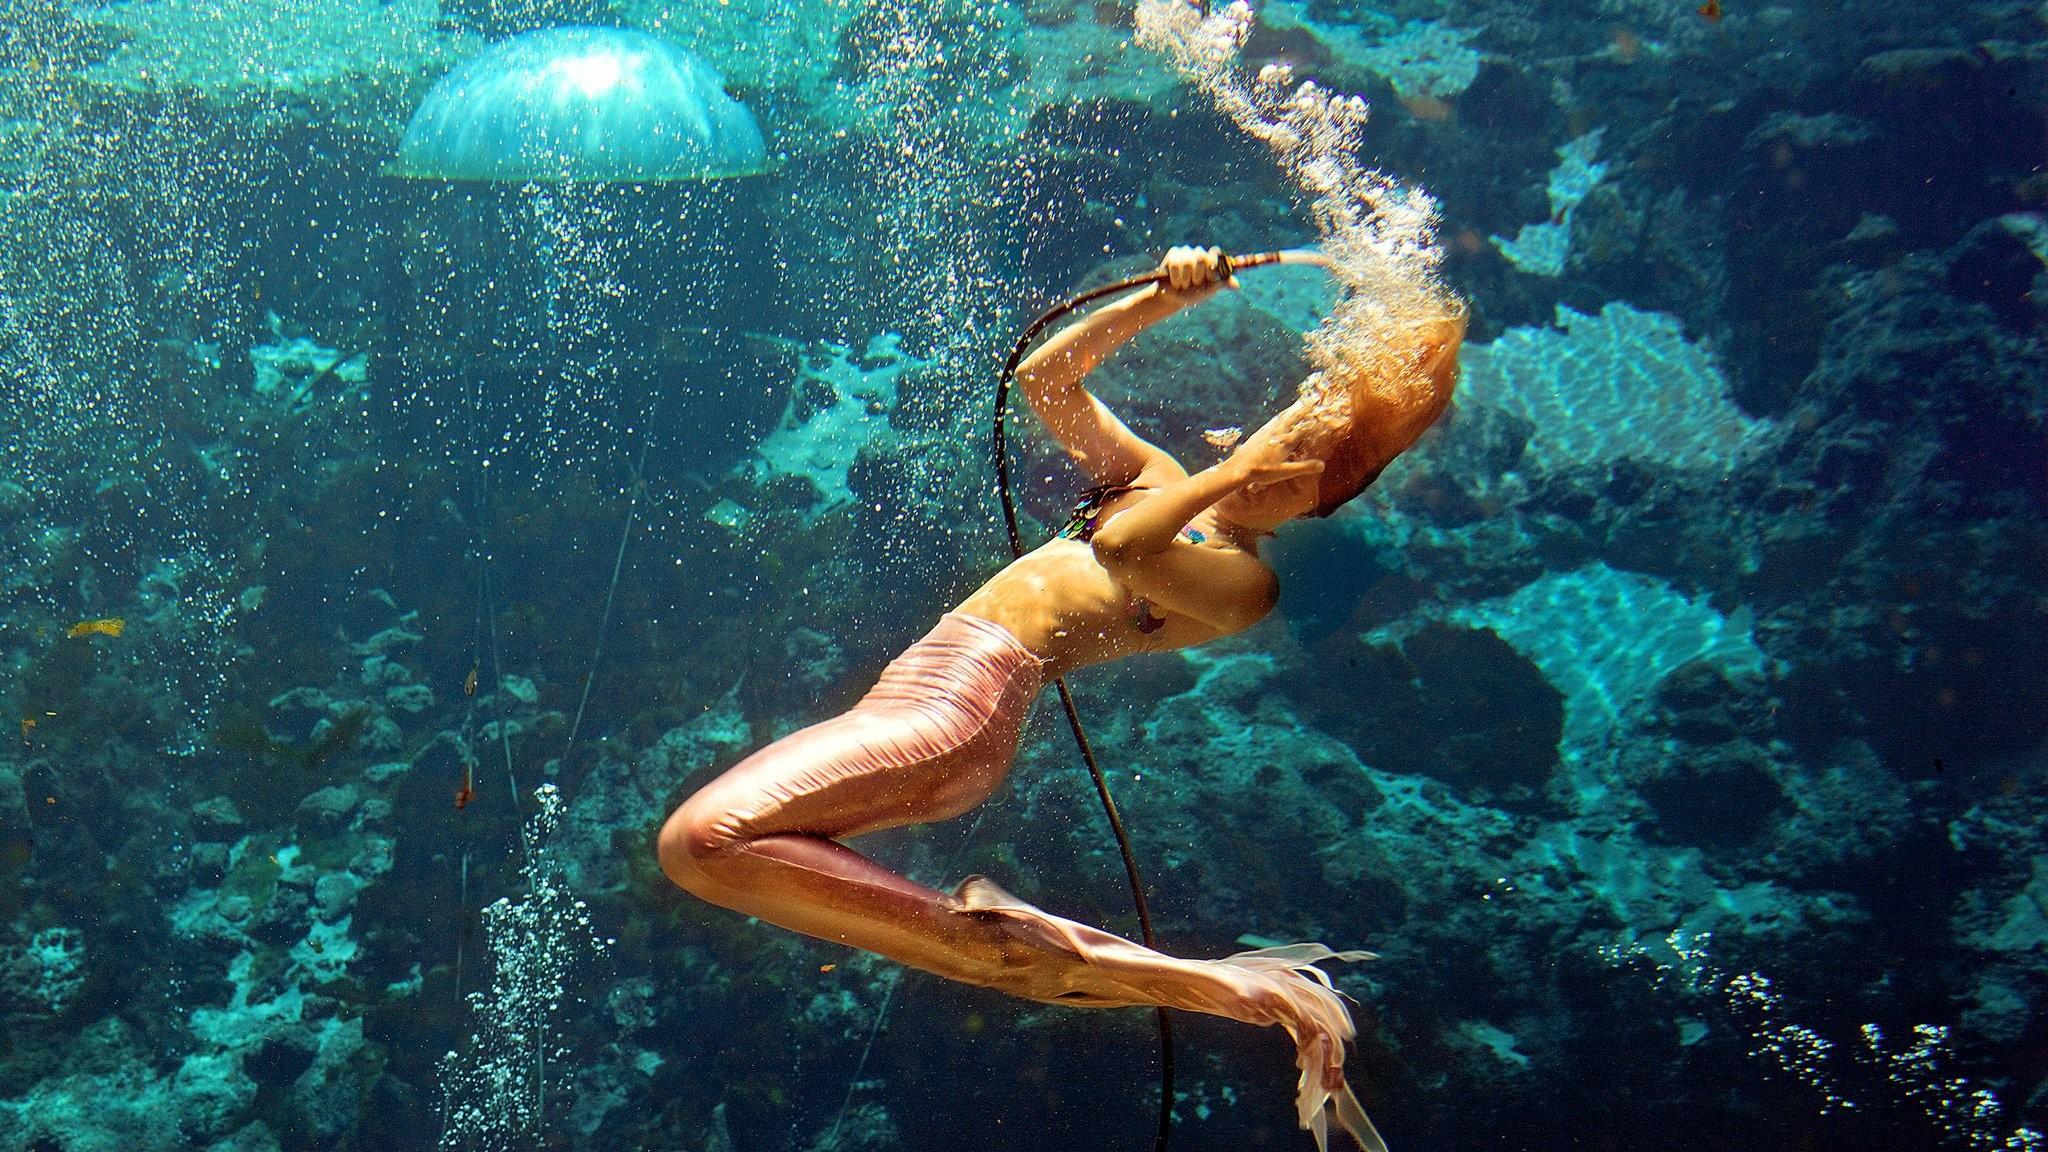 Pics mermaids of real